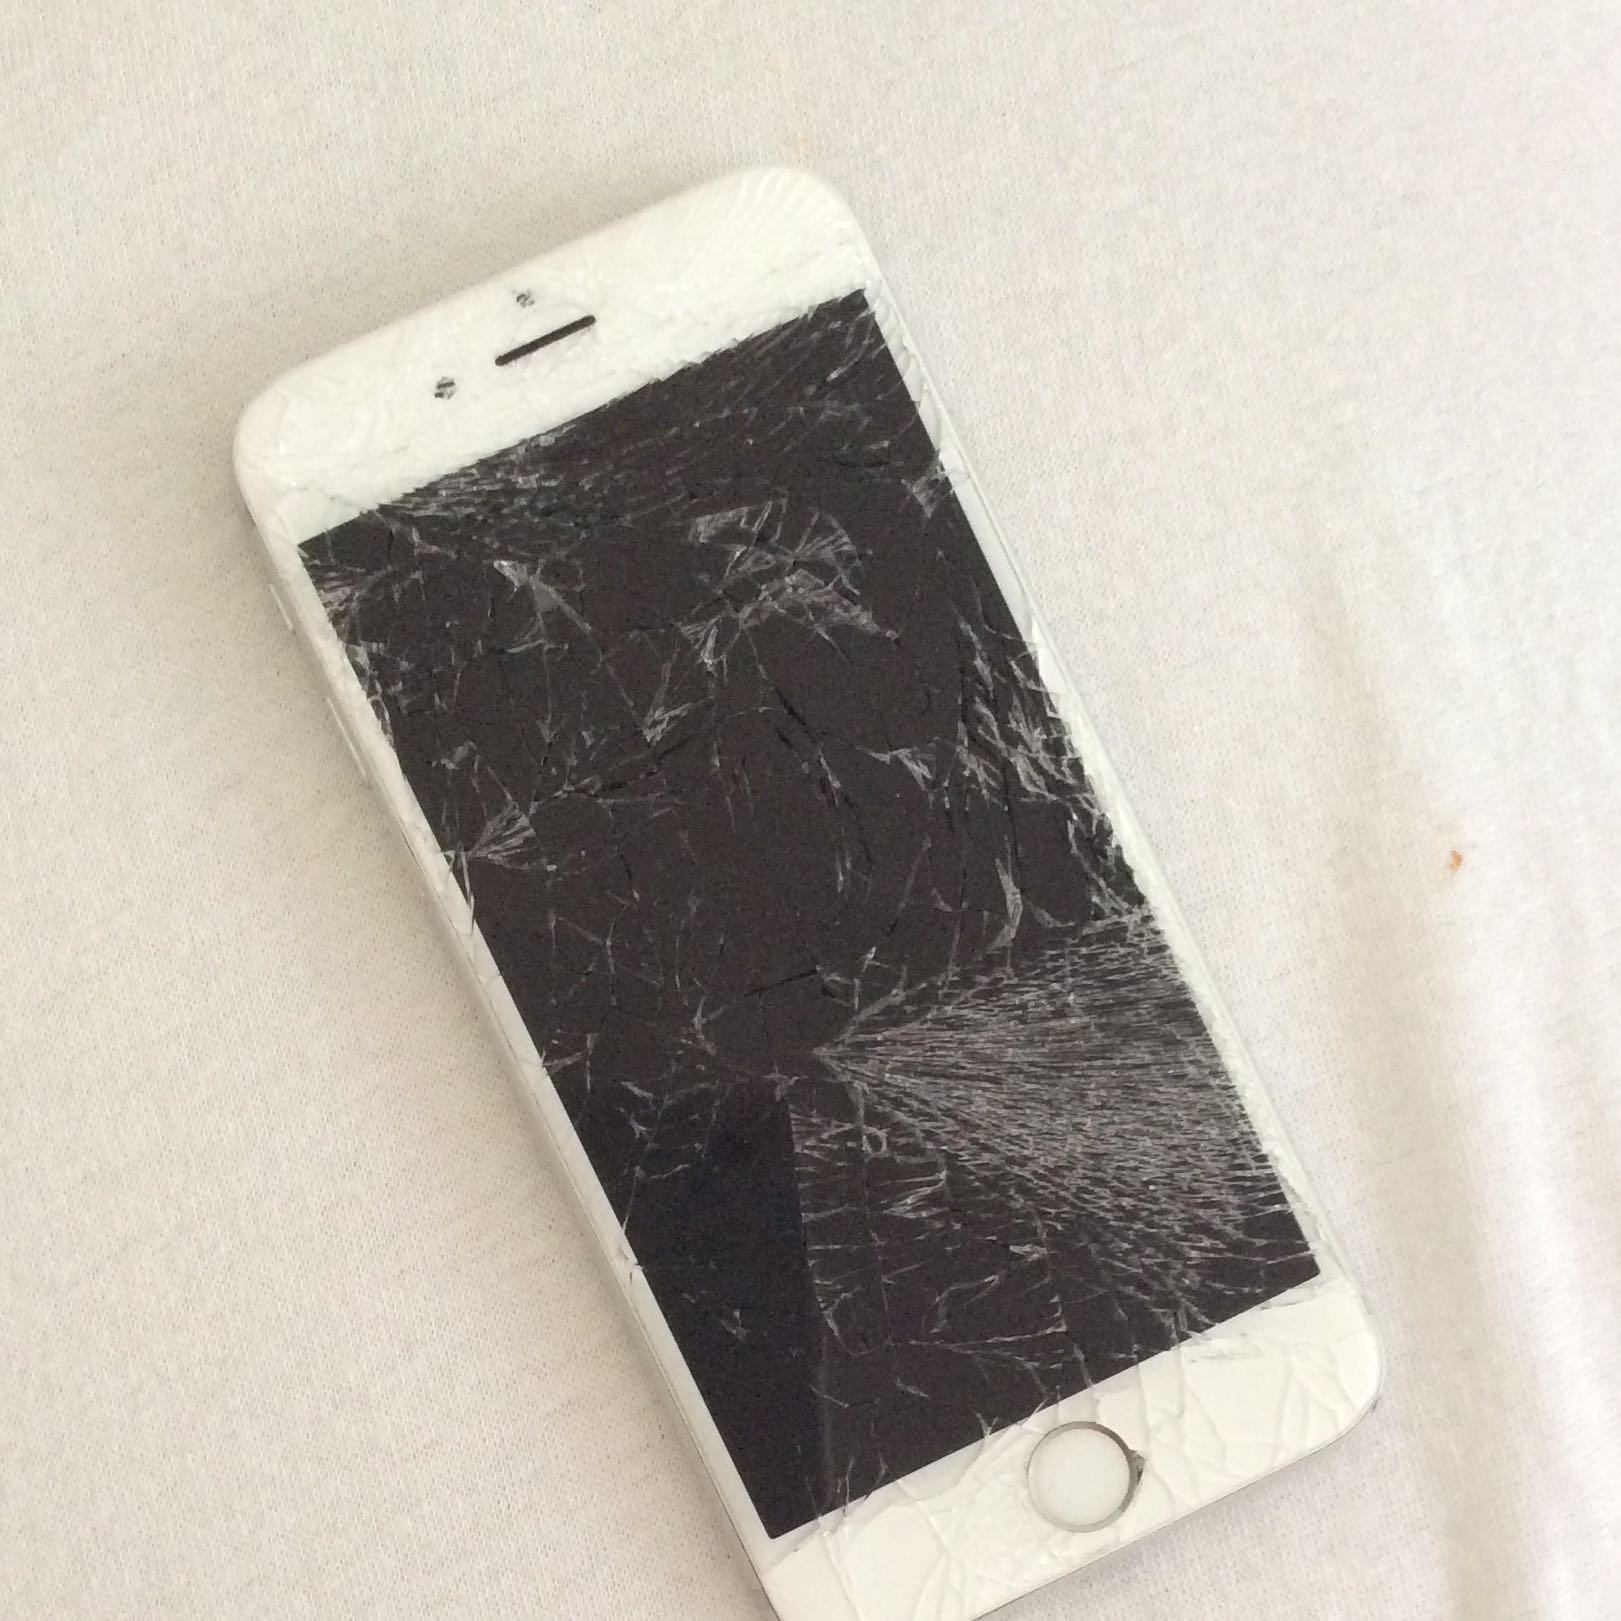 iphone 6 display kaputt geht nicht mehr an